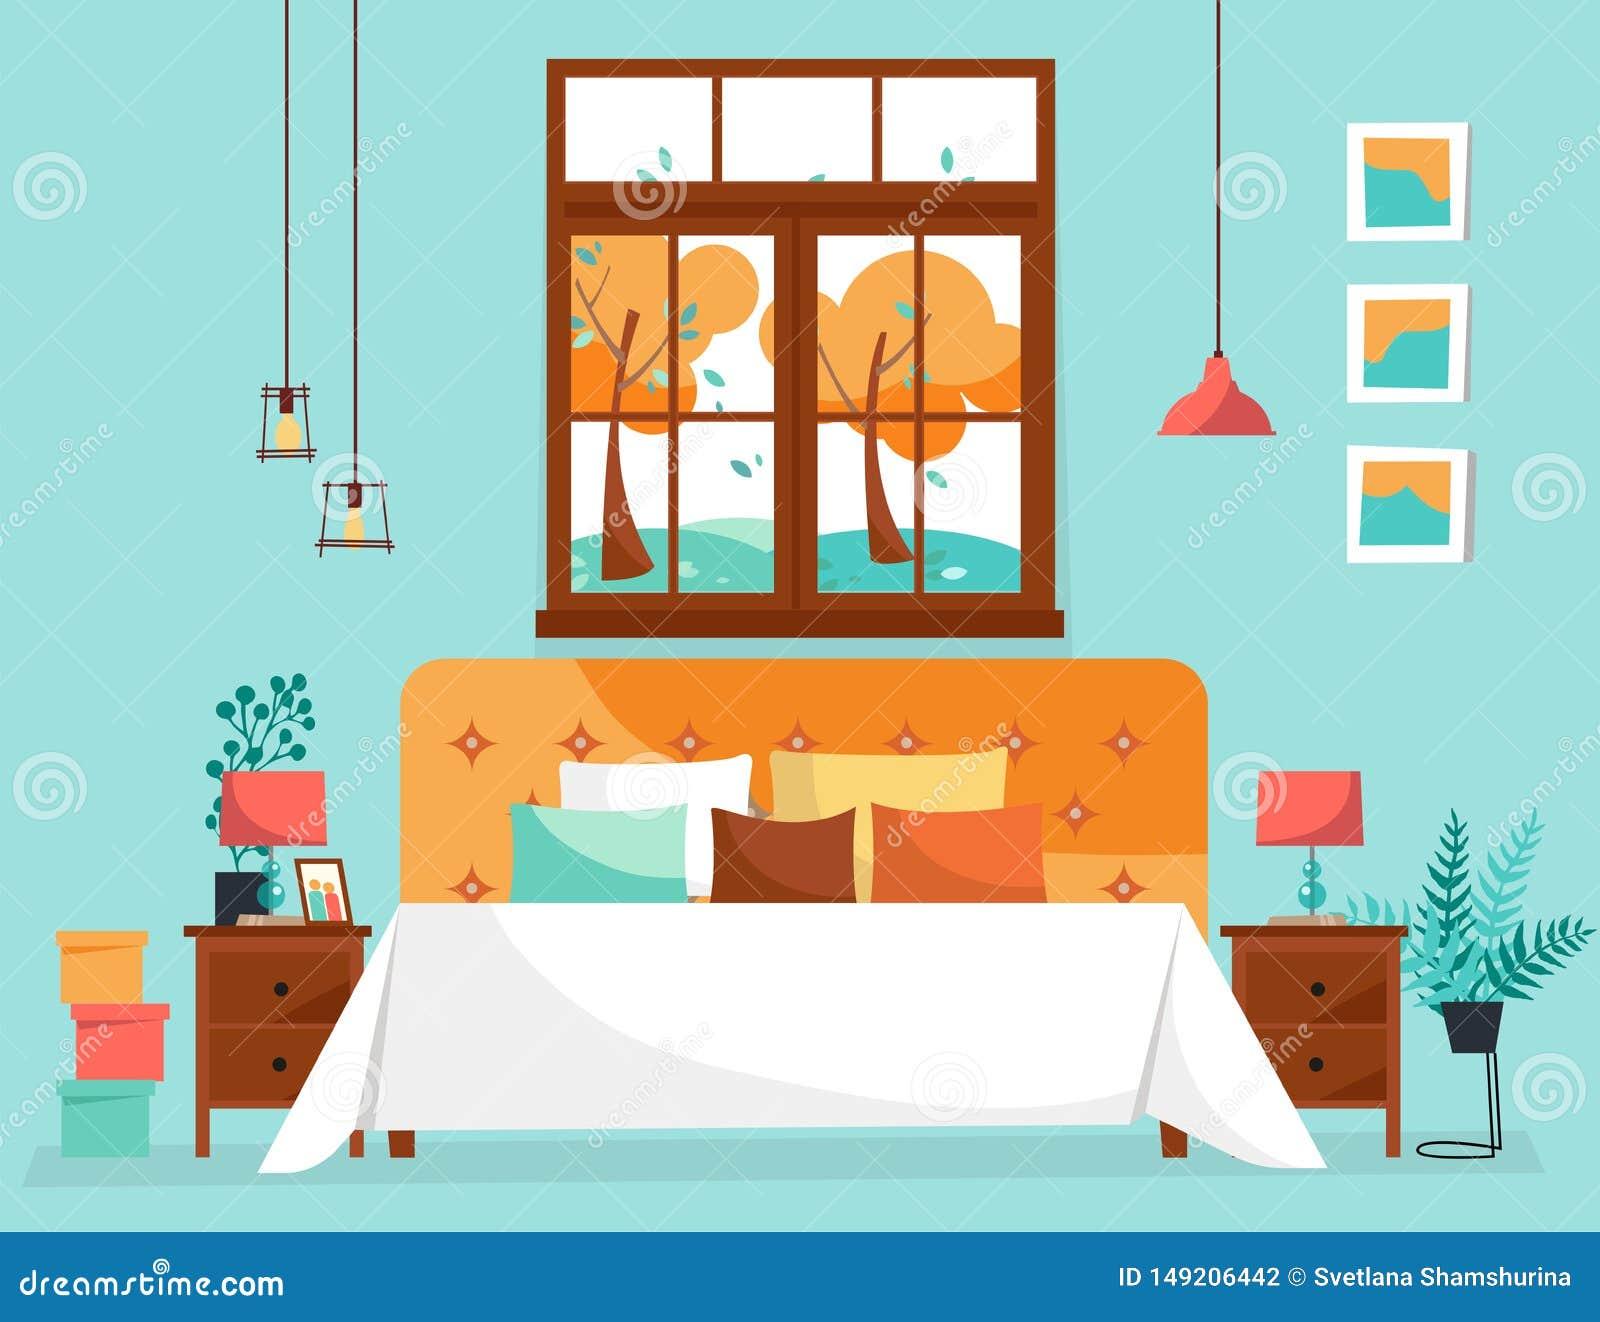 Dubbel groot bed met zachte achter en vele hoofdkussens onder groot venster met boomlandschap Slaapkamerbinnenland met bedlijsten